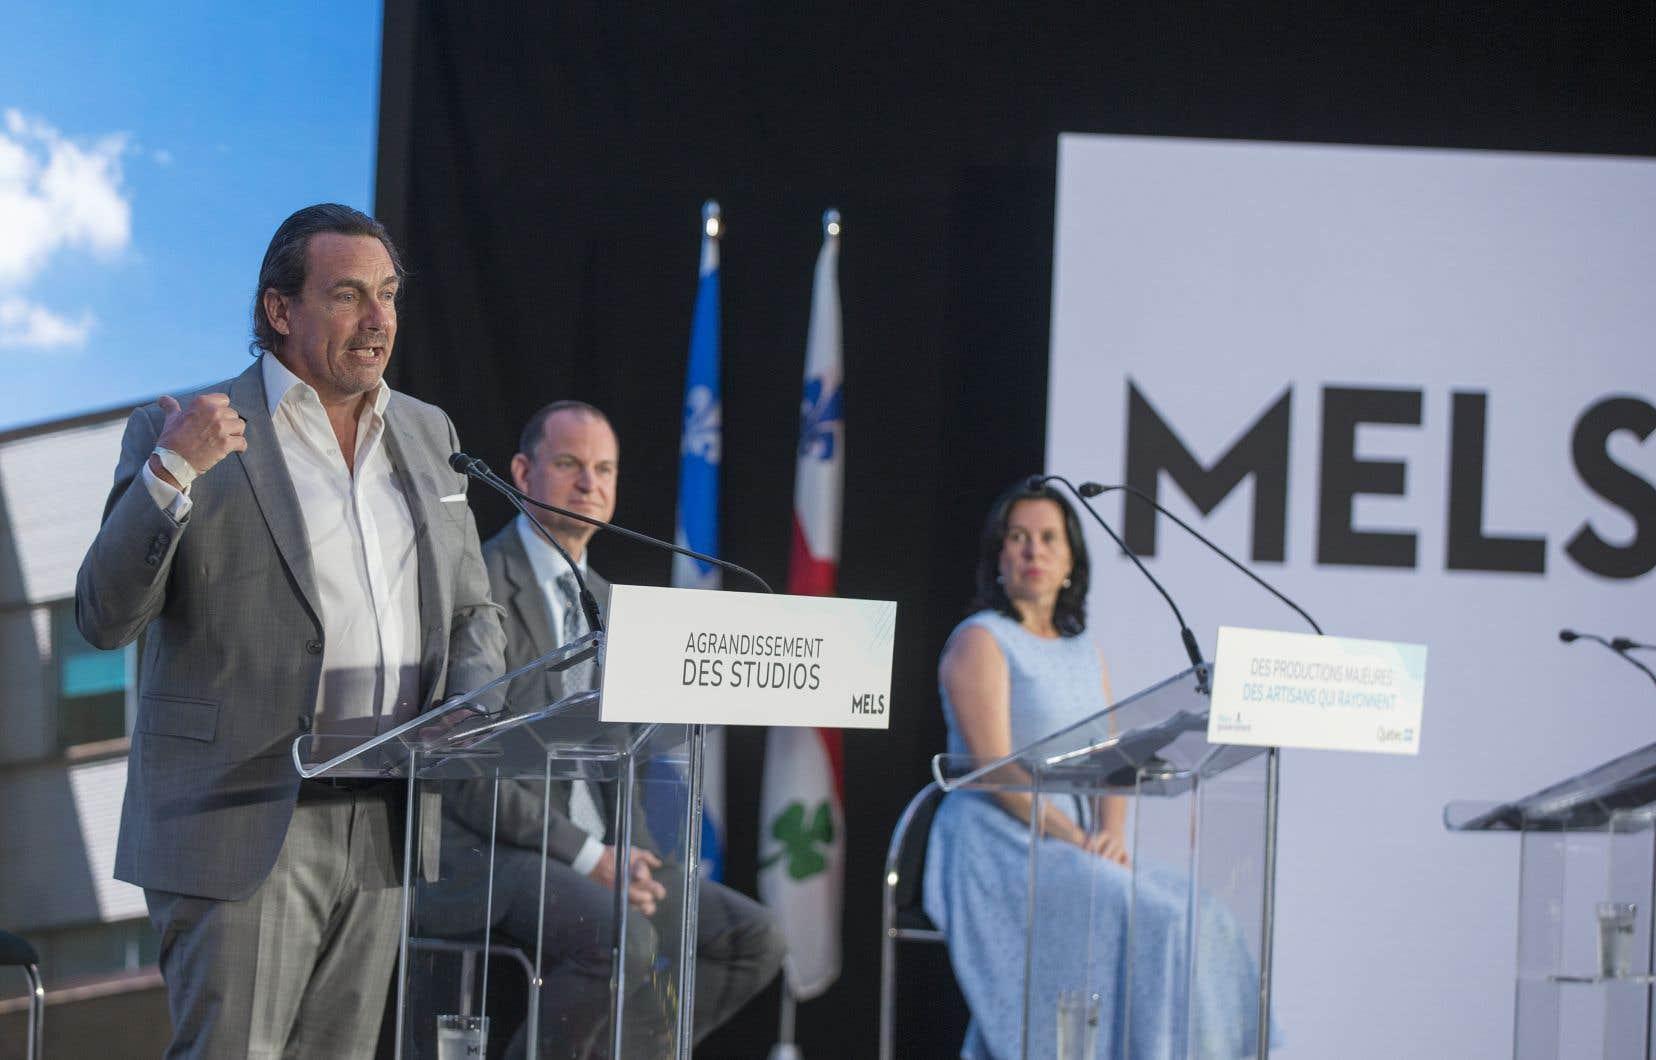 Le p.-d.g. de Groupe TVA, Pierre Karl Péladeau, le ministre Eric Girard et la mairesse Valérie Plante participaient vendredi à l'annonce de la construction du studio MELS 4.